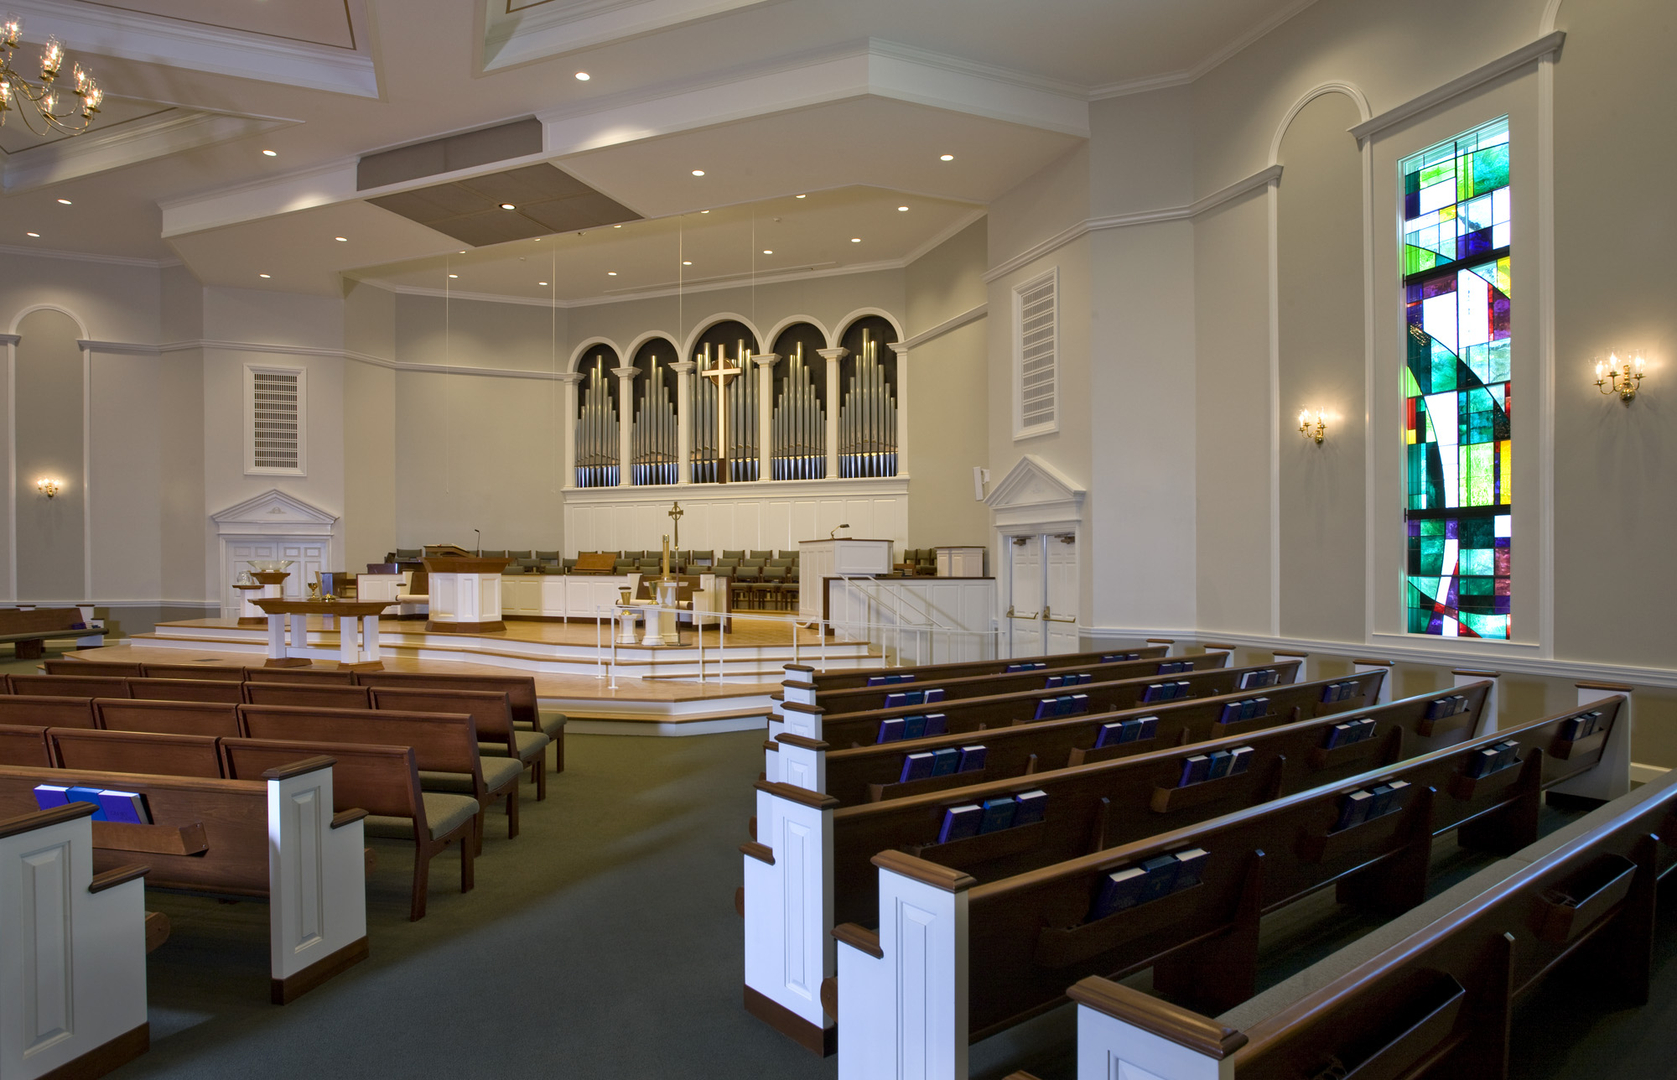 presbyterian5.jpg